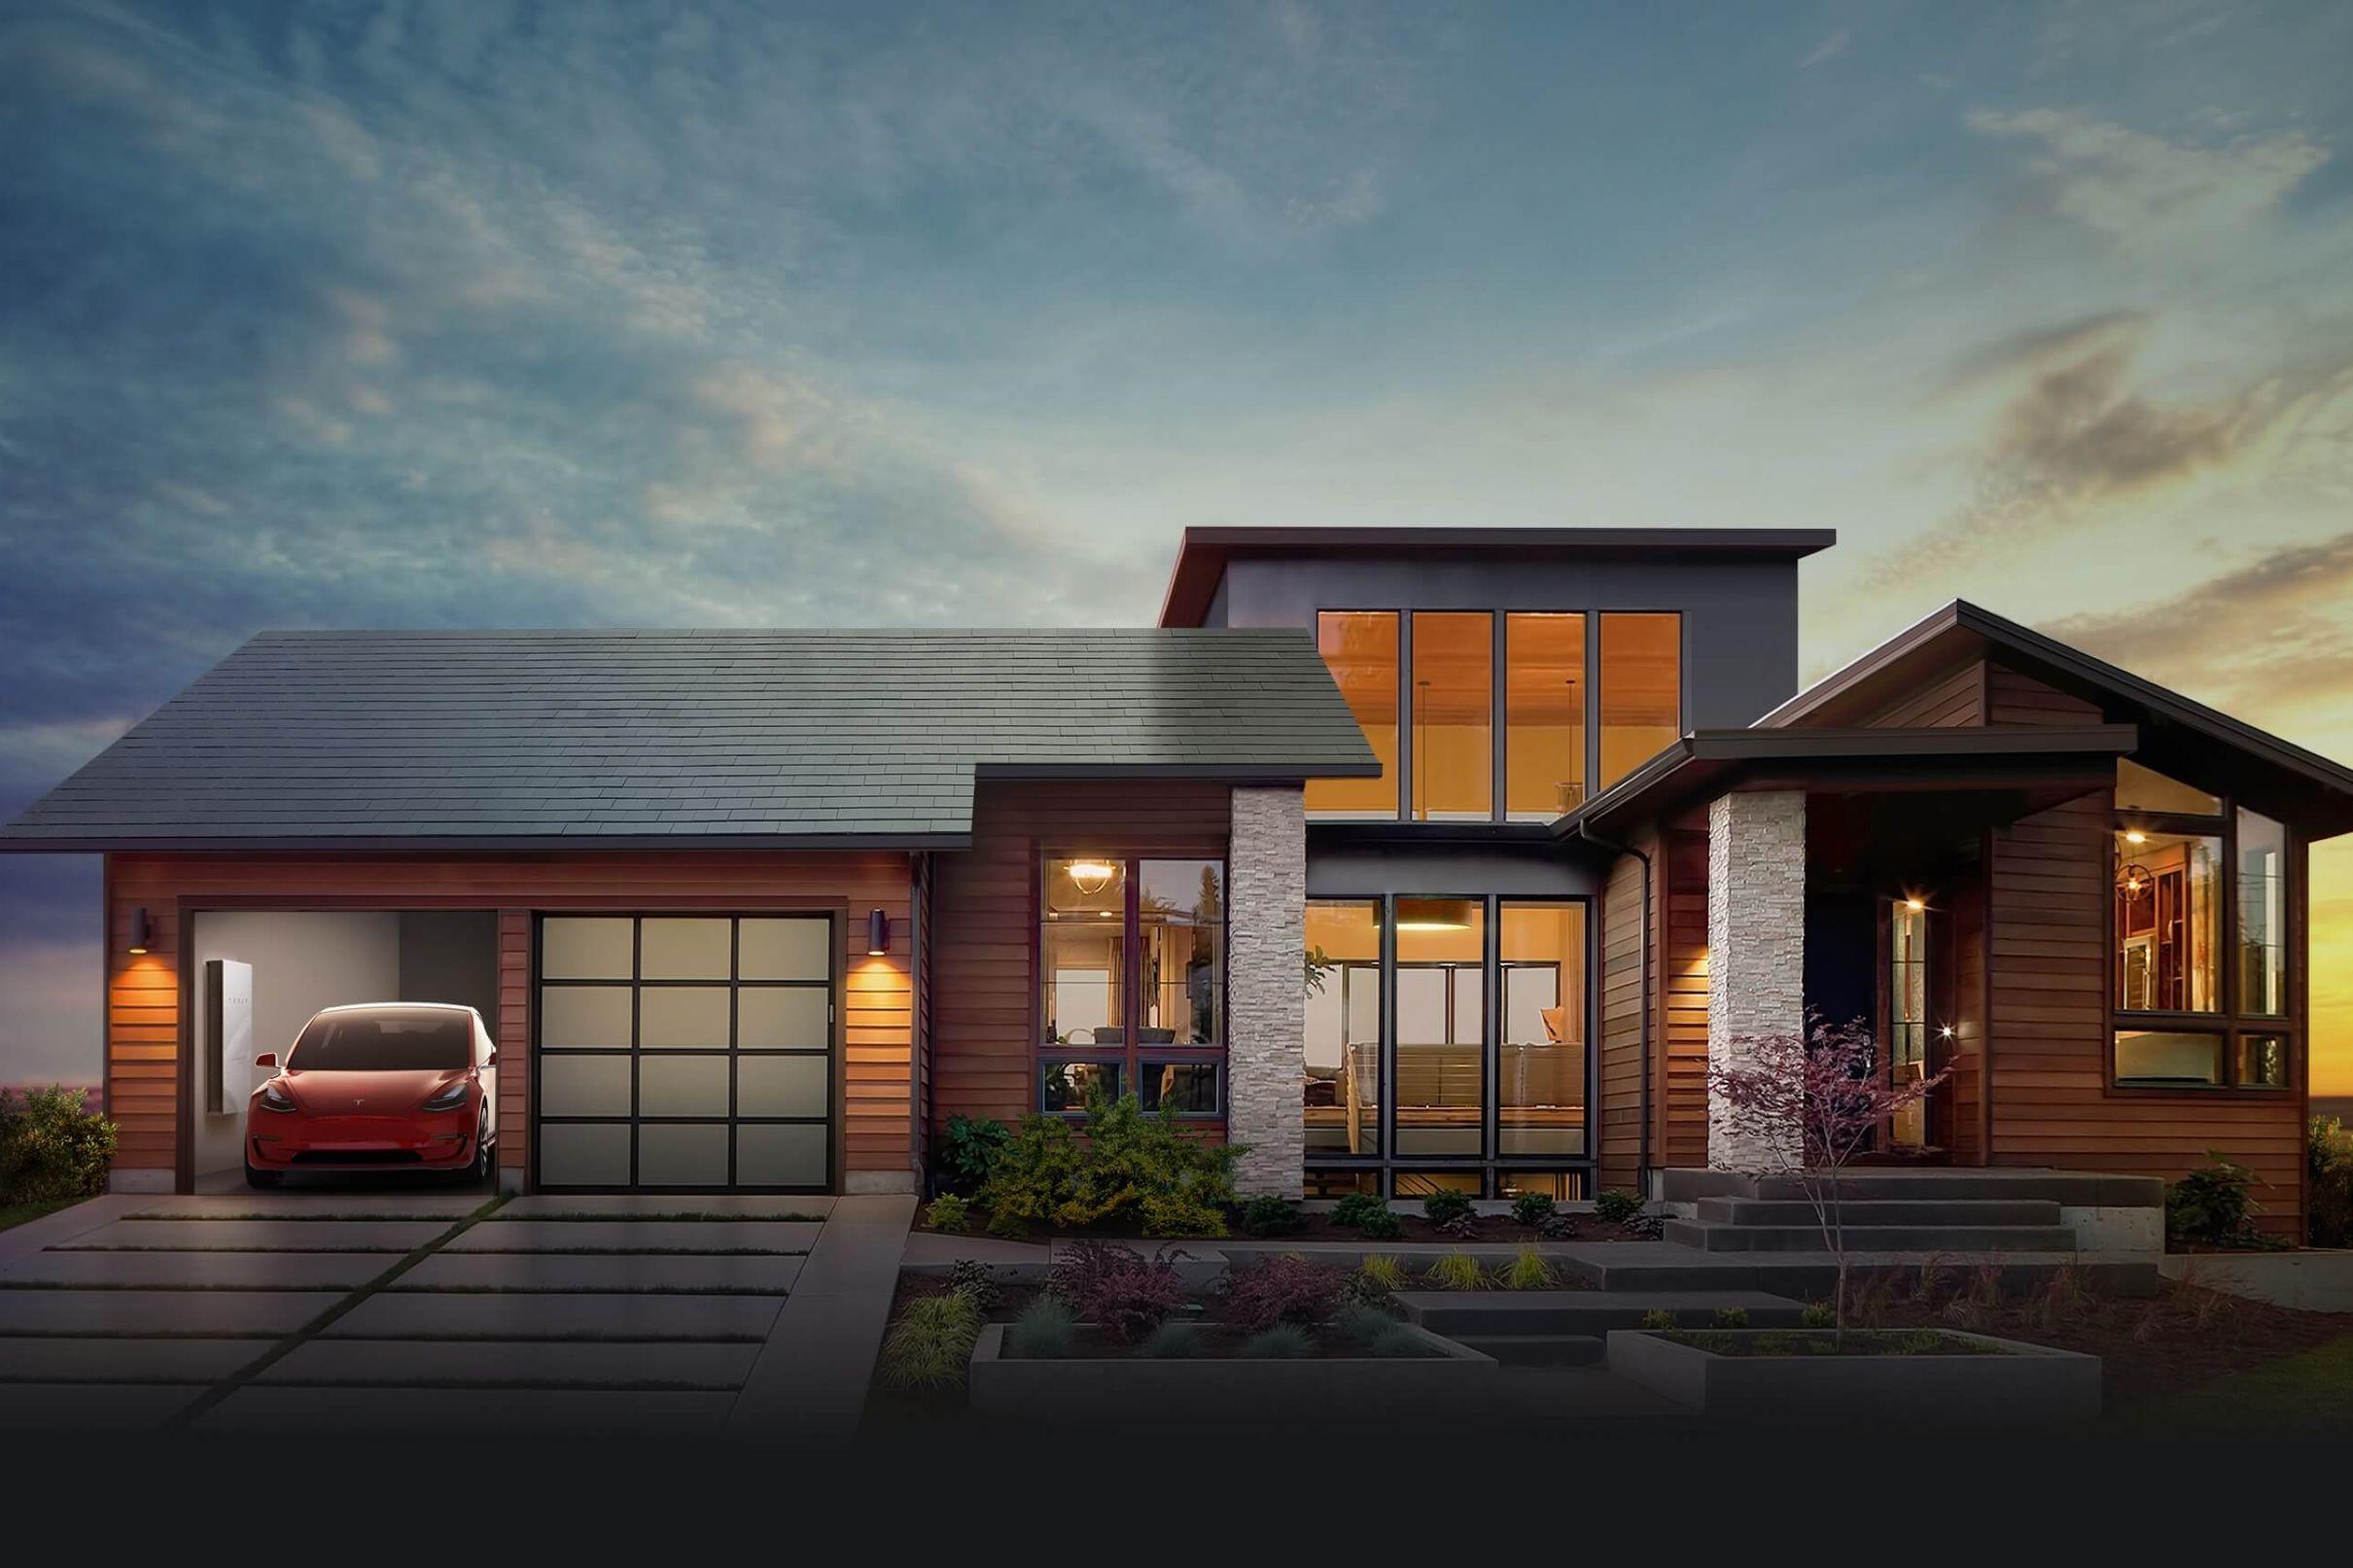 Tesla Will Start Taking Solar Roof Tile Orders In April Solar Roof Shingles Tesla Solar Roof Solar Shingles